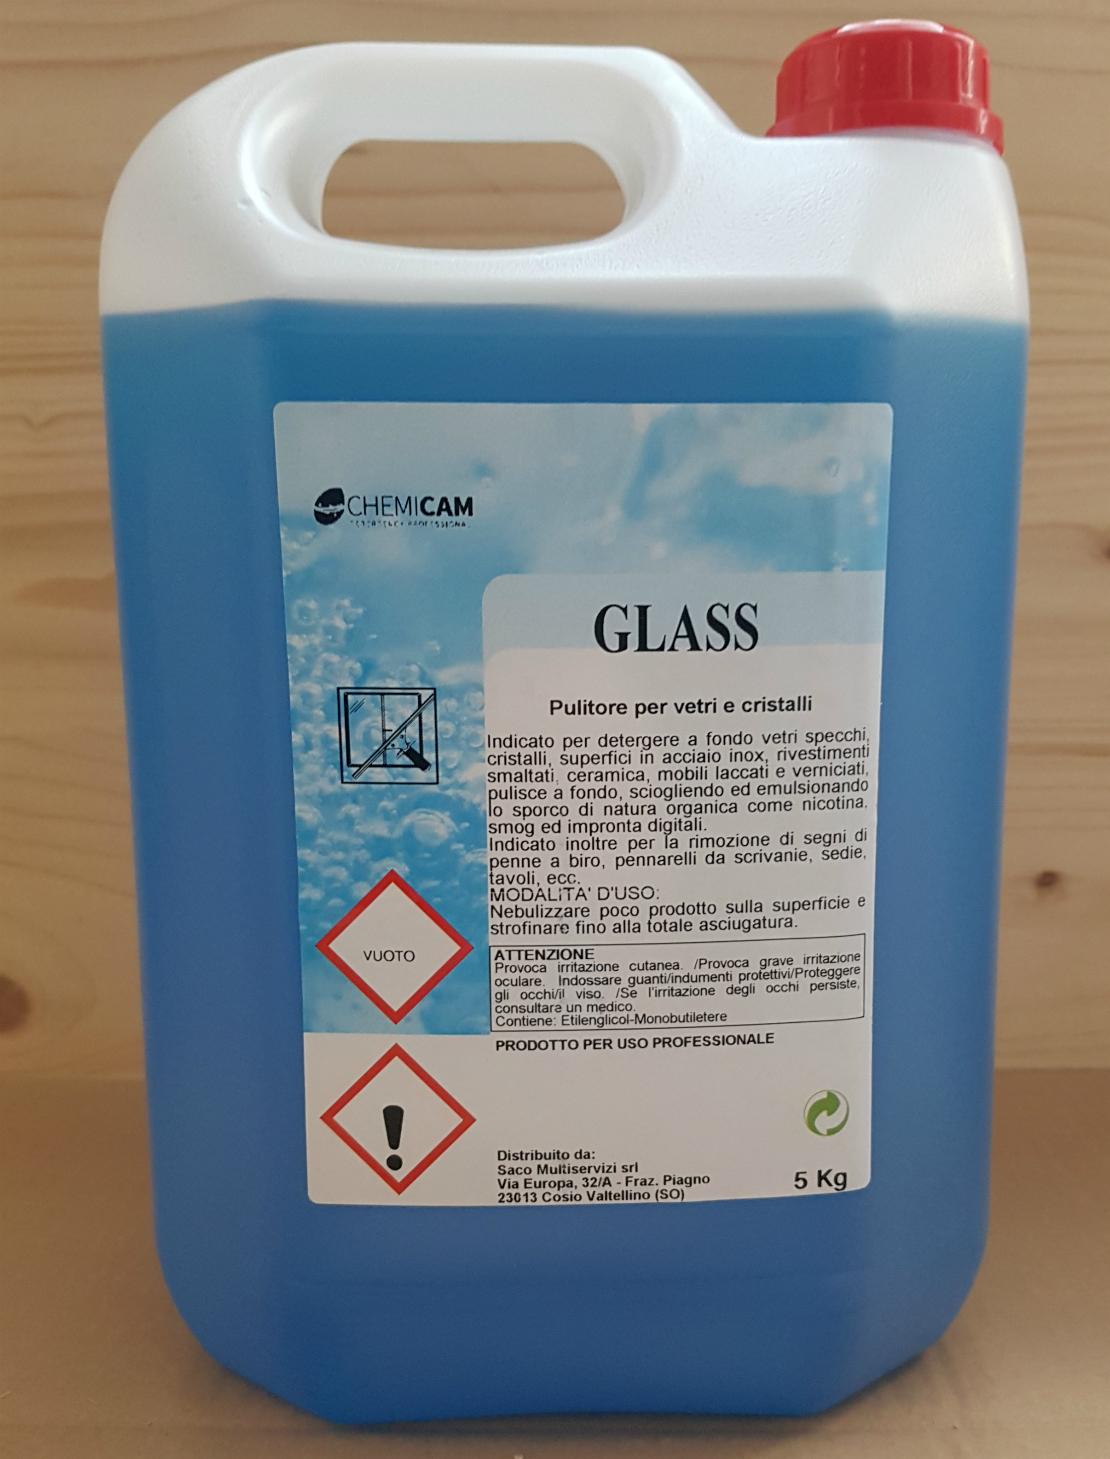 GLASS 5000 ML - Detergente formulato per detergere a fondo vetri e specchi,cristalli ecc